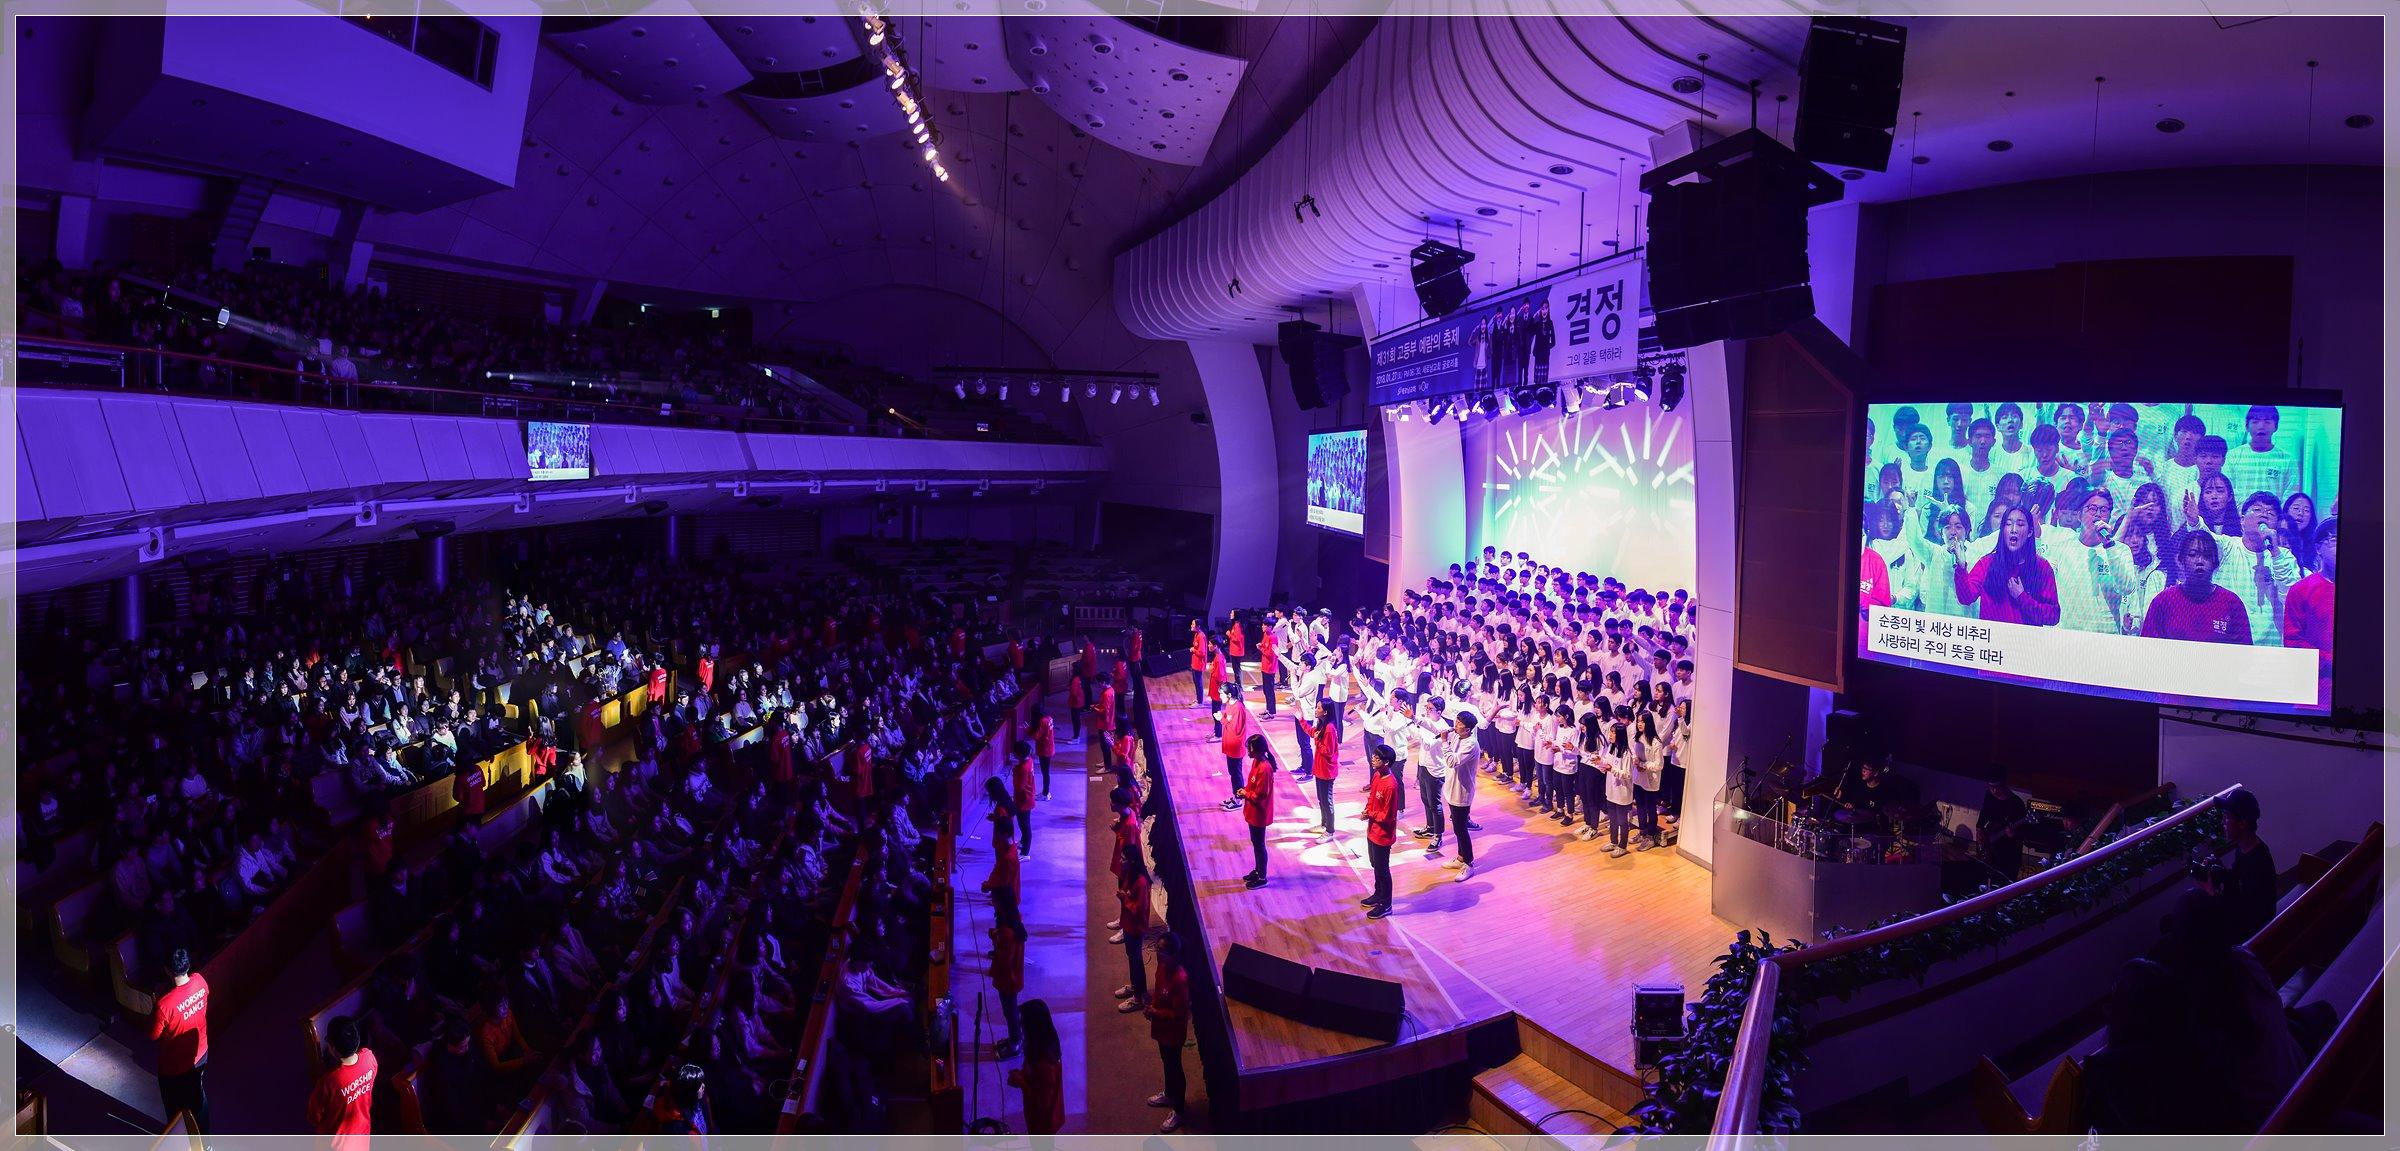 DSC_1682 Panorama.jpg